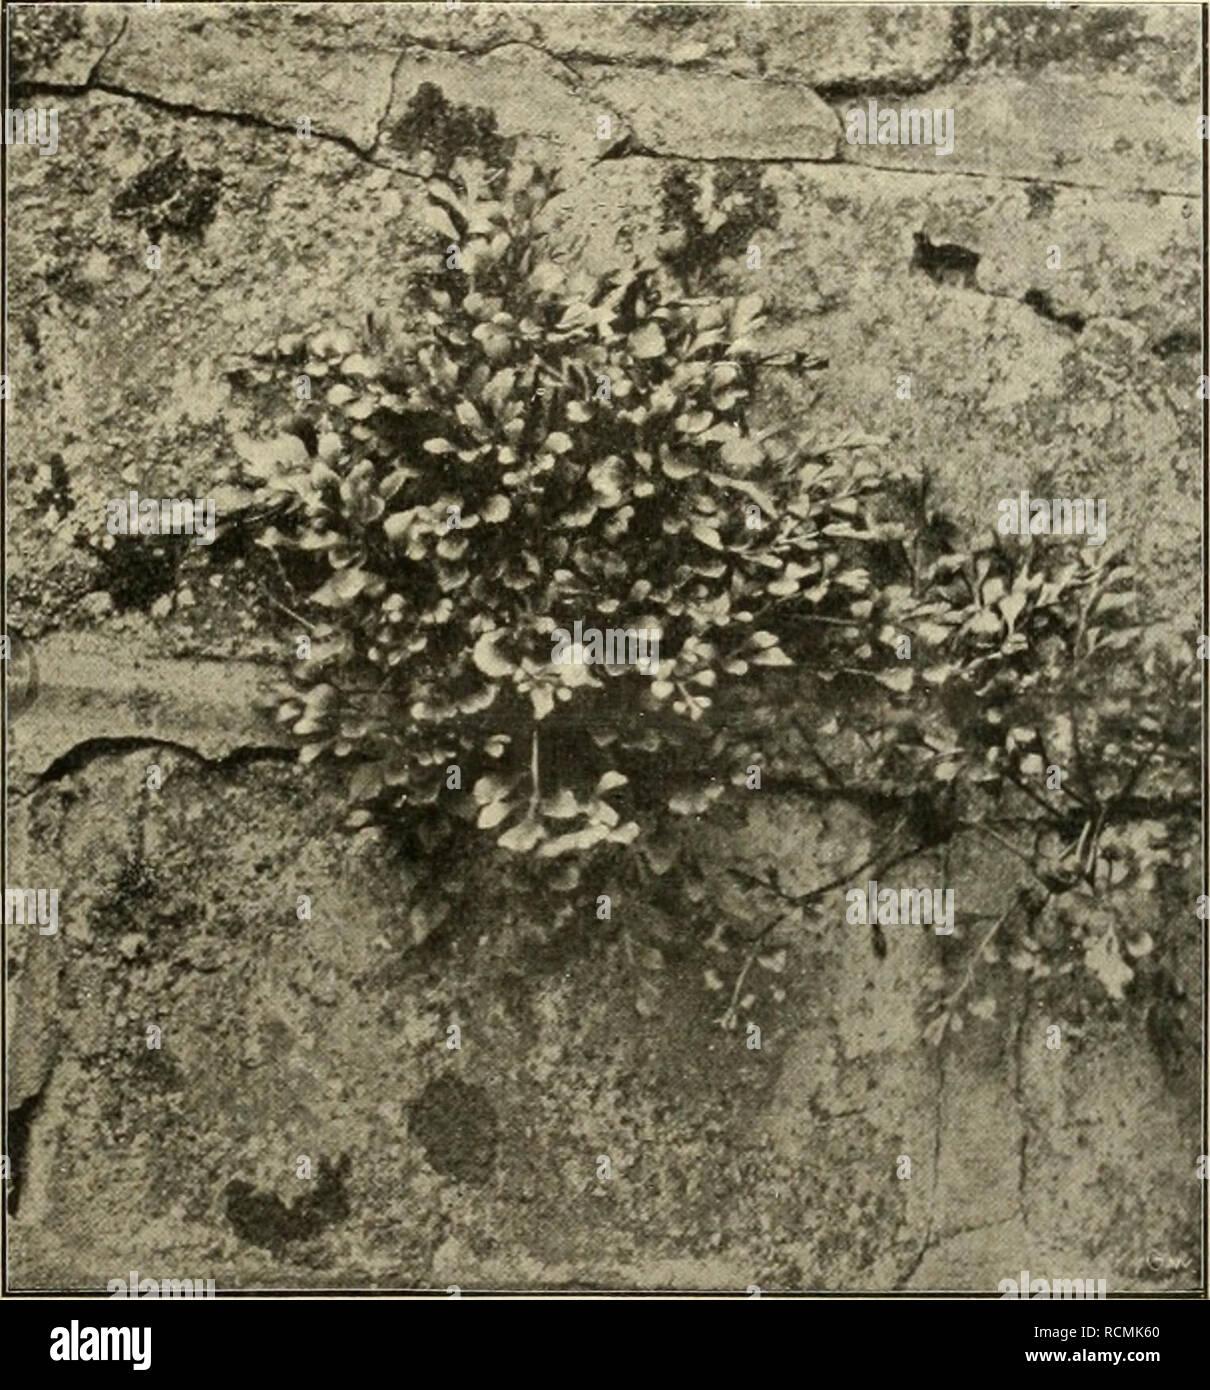 . Die Gartenwelt. Gardening. VII, 42 Die Gartenwelt. 495 Nicht zuletzt ist es daher die Aufgabe derjenigen Gärtnereien, welche für Bindegeschäfte produzieren, für vor- zügliches, möglichst formenreiches Schnittgrün zu sorgen. Es ist in den letzten Jahren wiederholt über Sehnitt- grünkulturen geschrieben worden, auch sind in der letzten Zeit schon in vielen Gärtnereien sehr zweckmässig ein- gerichtete Kulturräume geschaffen worden, in welchen bestimmte Pflanzen, wie z. B. Mcdeola, Lygodium und rankende Asparagus und einige andere bekannte Pflanzen zu üppigster Entwicklung gelangen, doch wäre es Stock Photo